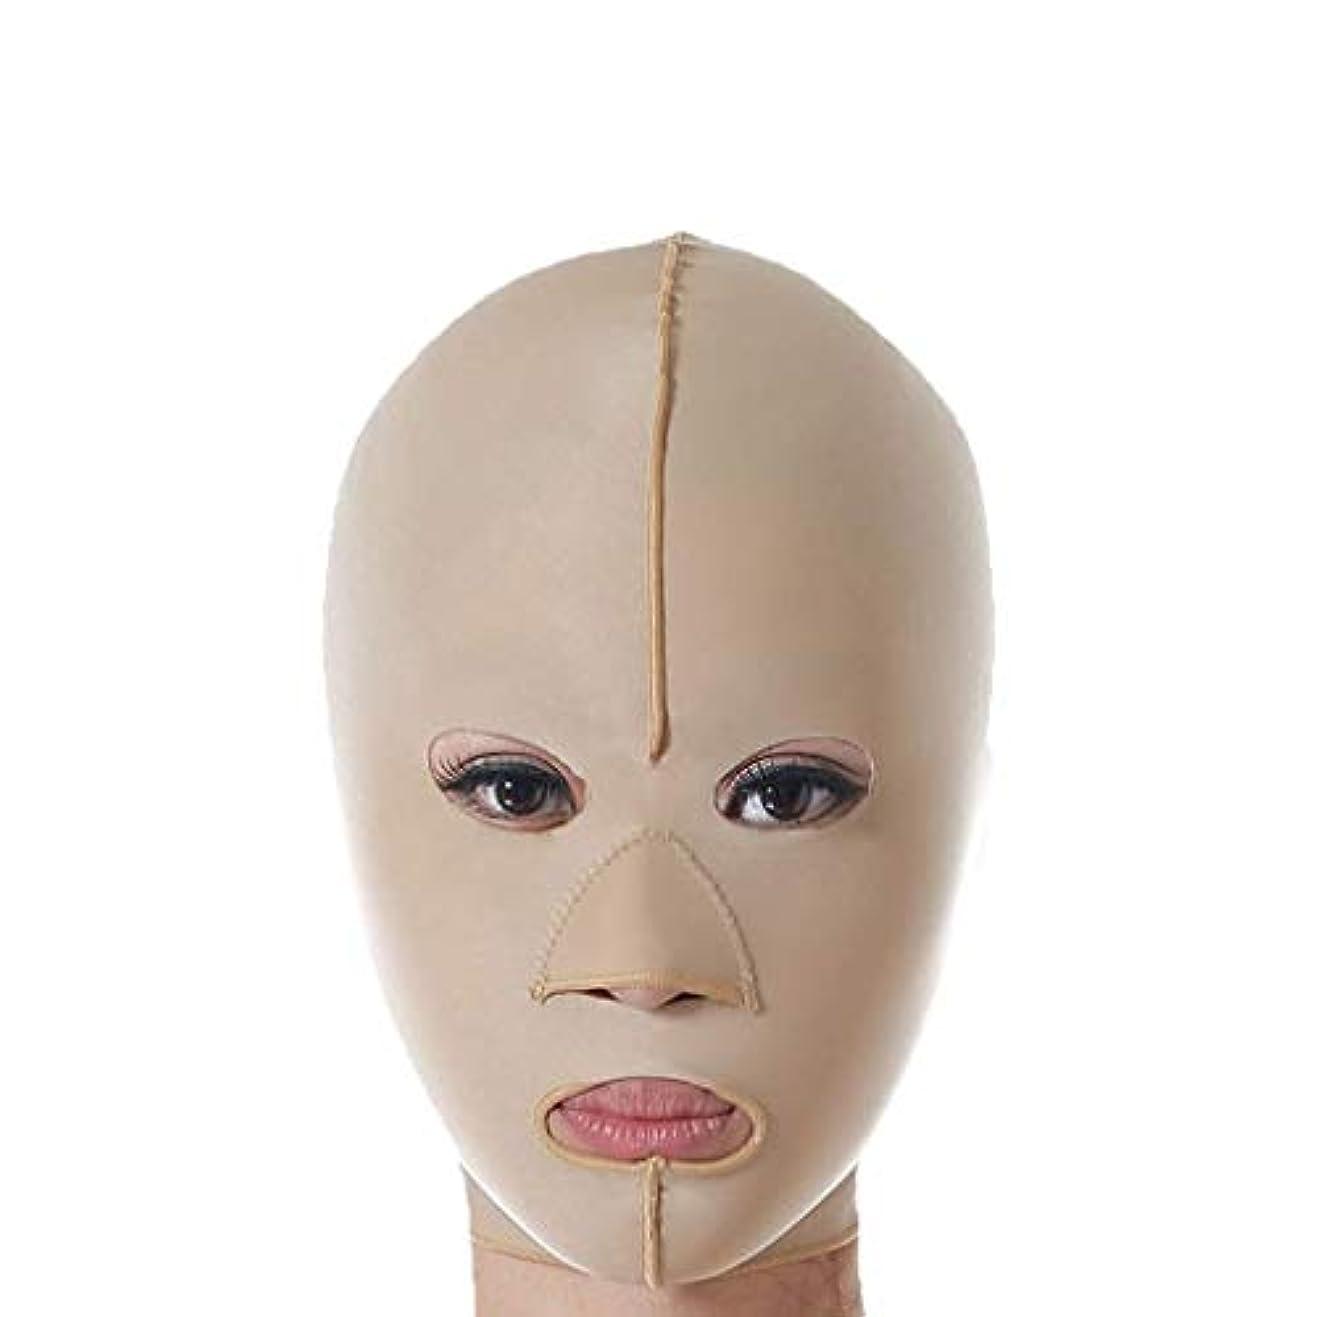 農業凍った予見する減量フェイスマスク、リフティング包帯、スリムフェイスリフトリフティングベルト、フェイシャル減量リフティング包帯、リフティングファーミング包帯(サイズ:XL),S